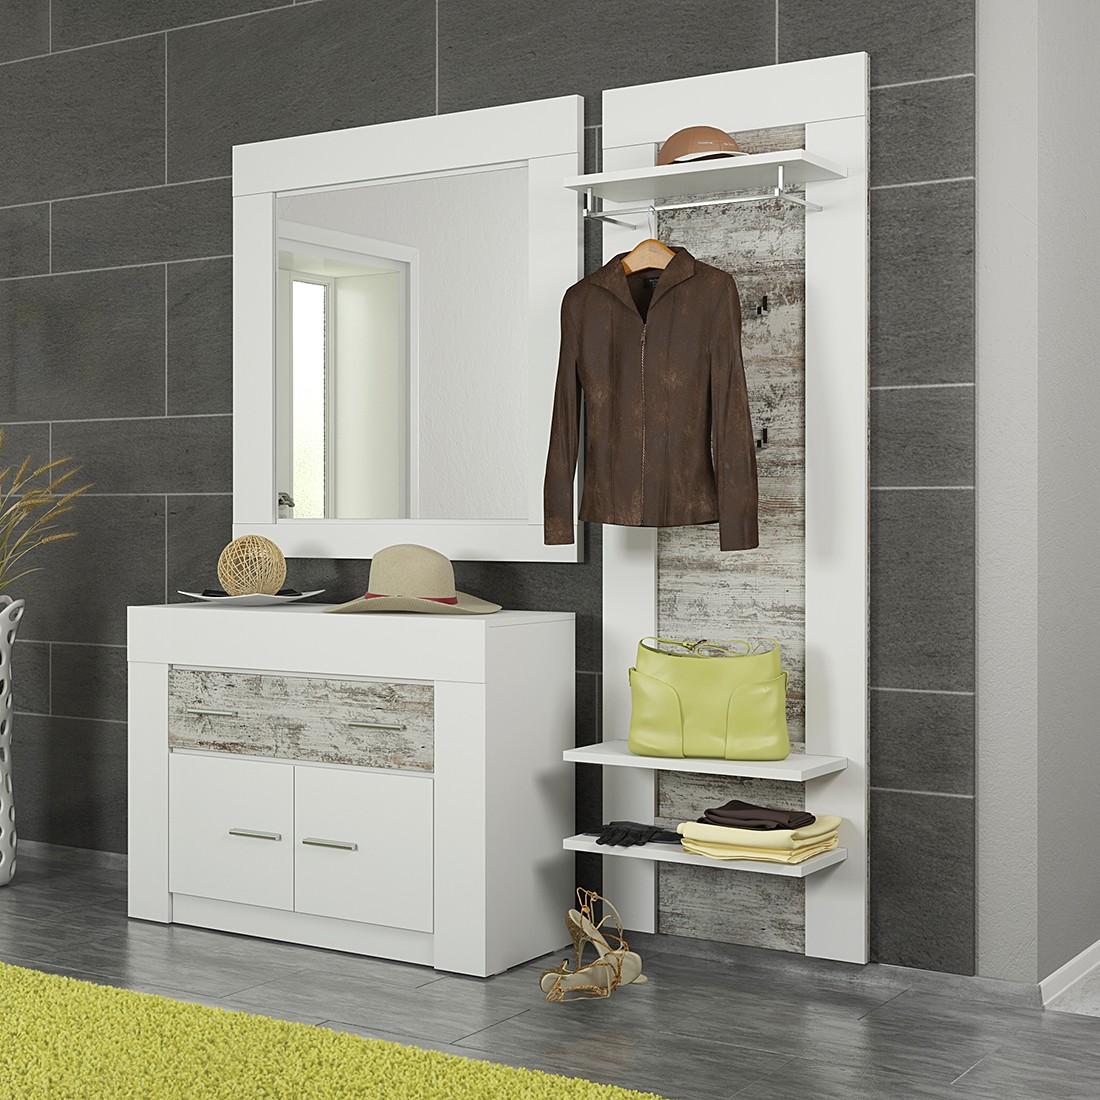 garderoben set cast ii wei white kiefer dekor modoform g nstig bestellen. Black Bedroom Furniture Sets. Home Design Ideas